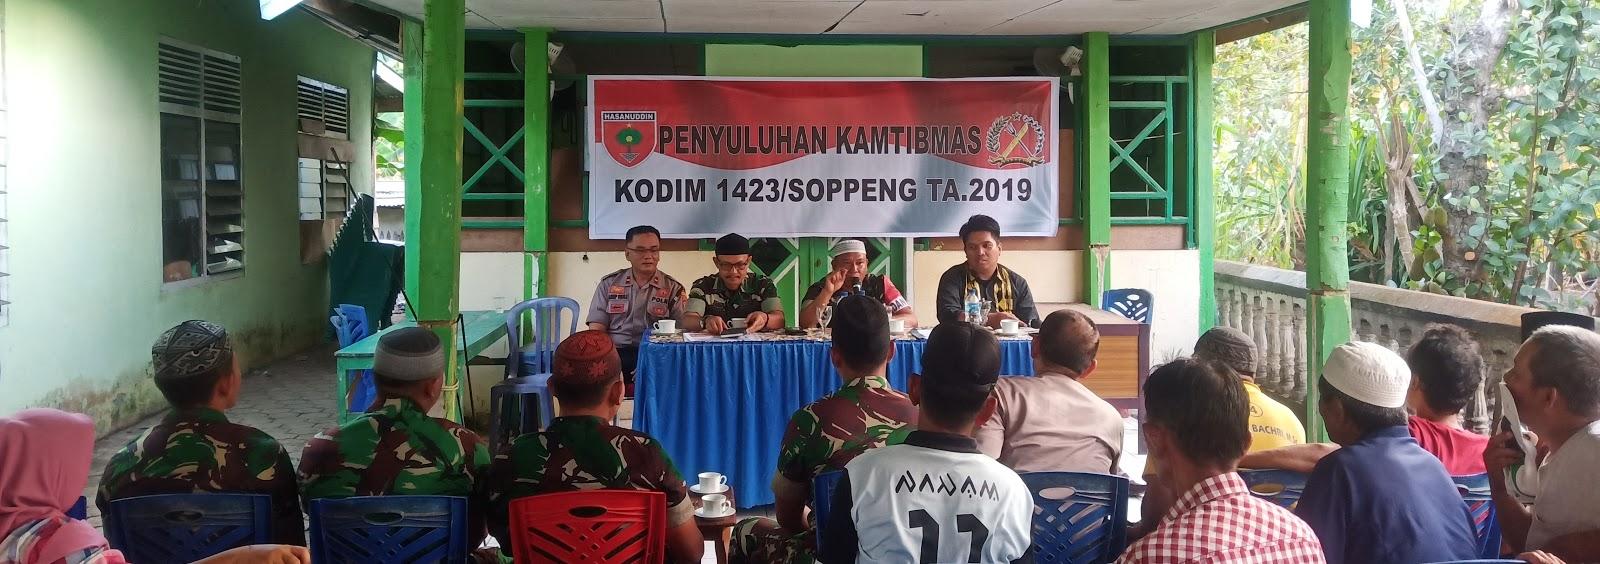 Satgas TMMD 106 Tahun 2019 Soppeng Gelar Penyuluhan Hukum Dan Kamtibmas Di Desa Patampanua